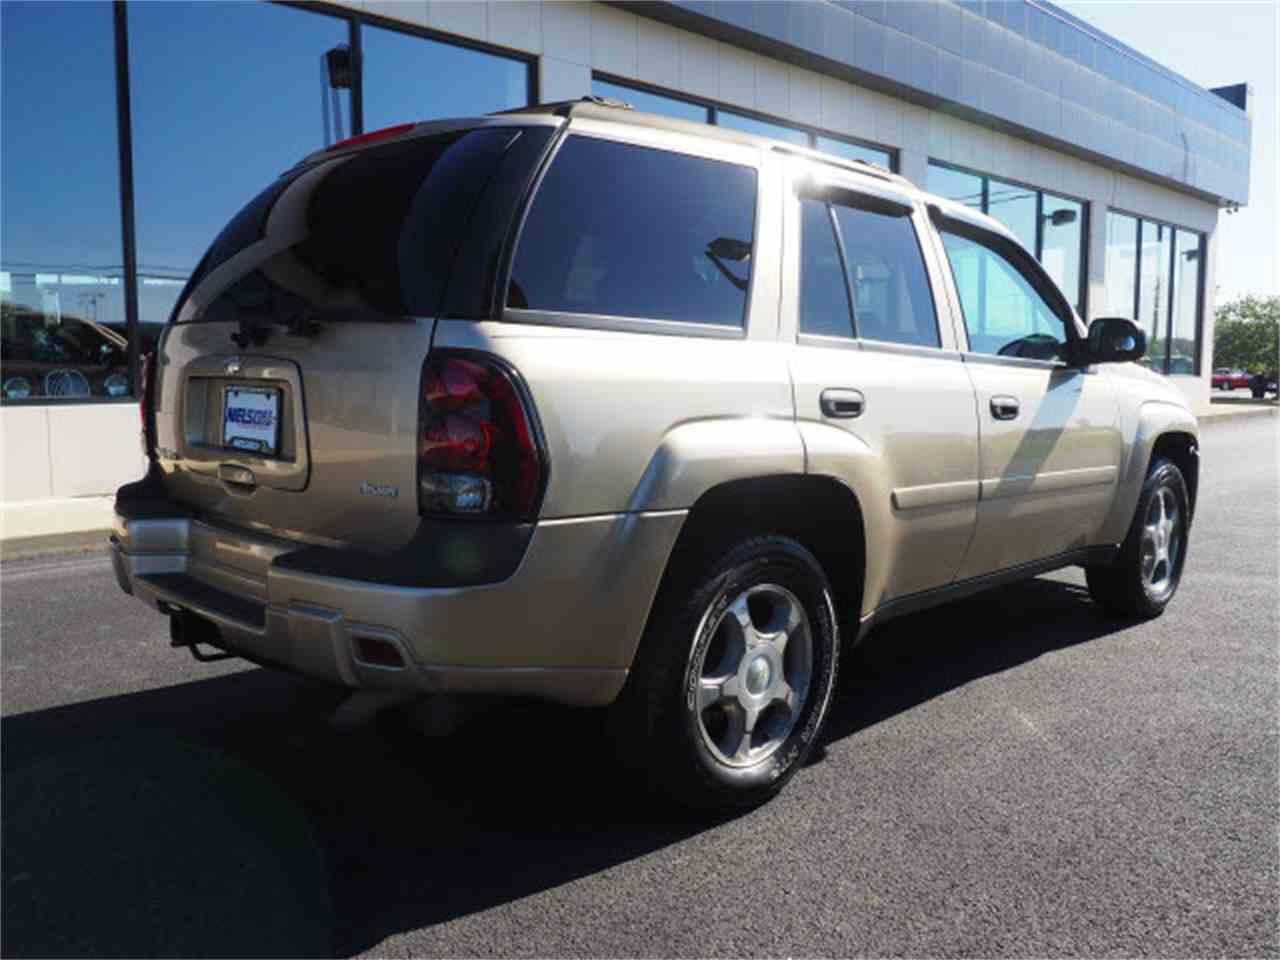 2006 Chevrolet Trailblazer for Sale | ClassicCars.com | CC-1034831